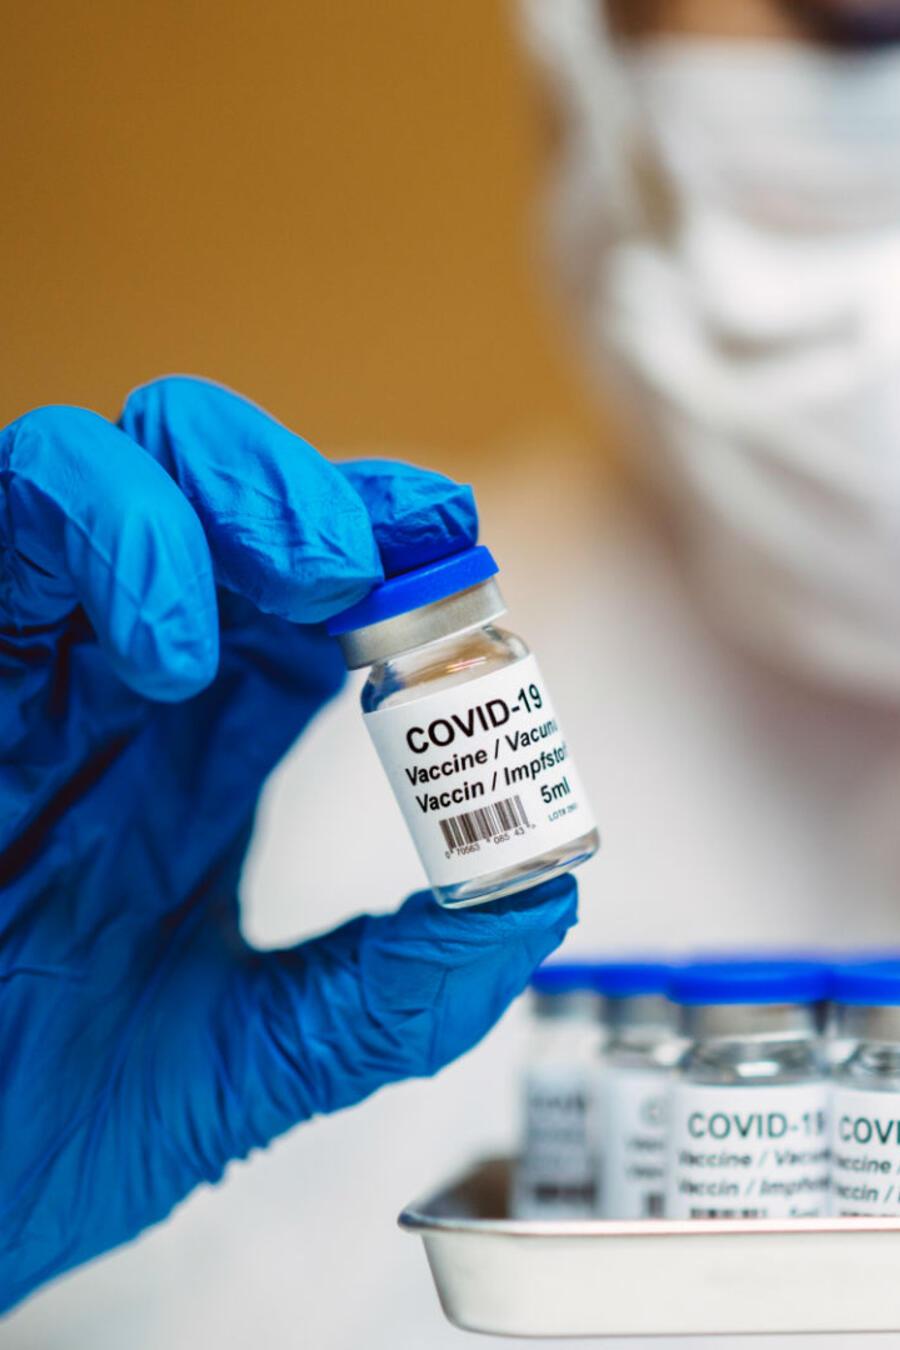 Doctora sosteniendo varias dosis de vacunas contra COVID-19